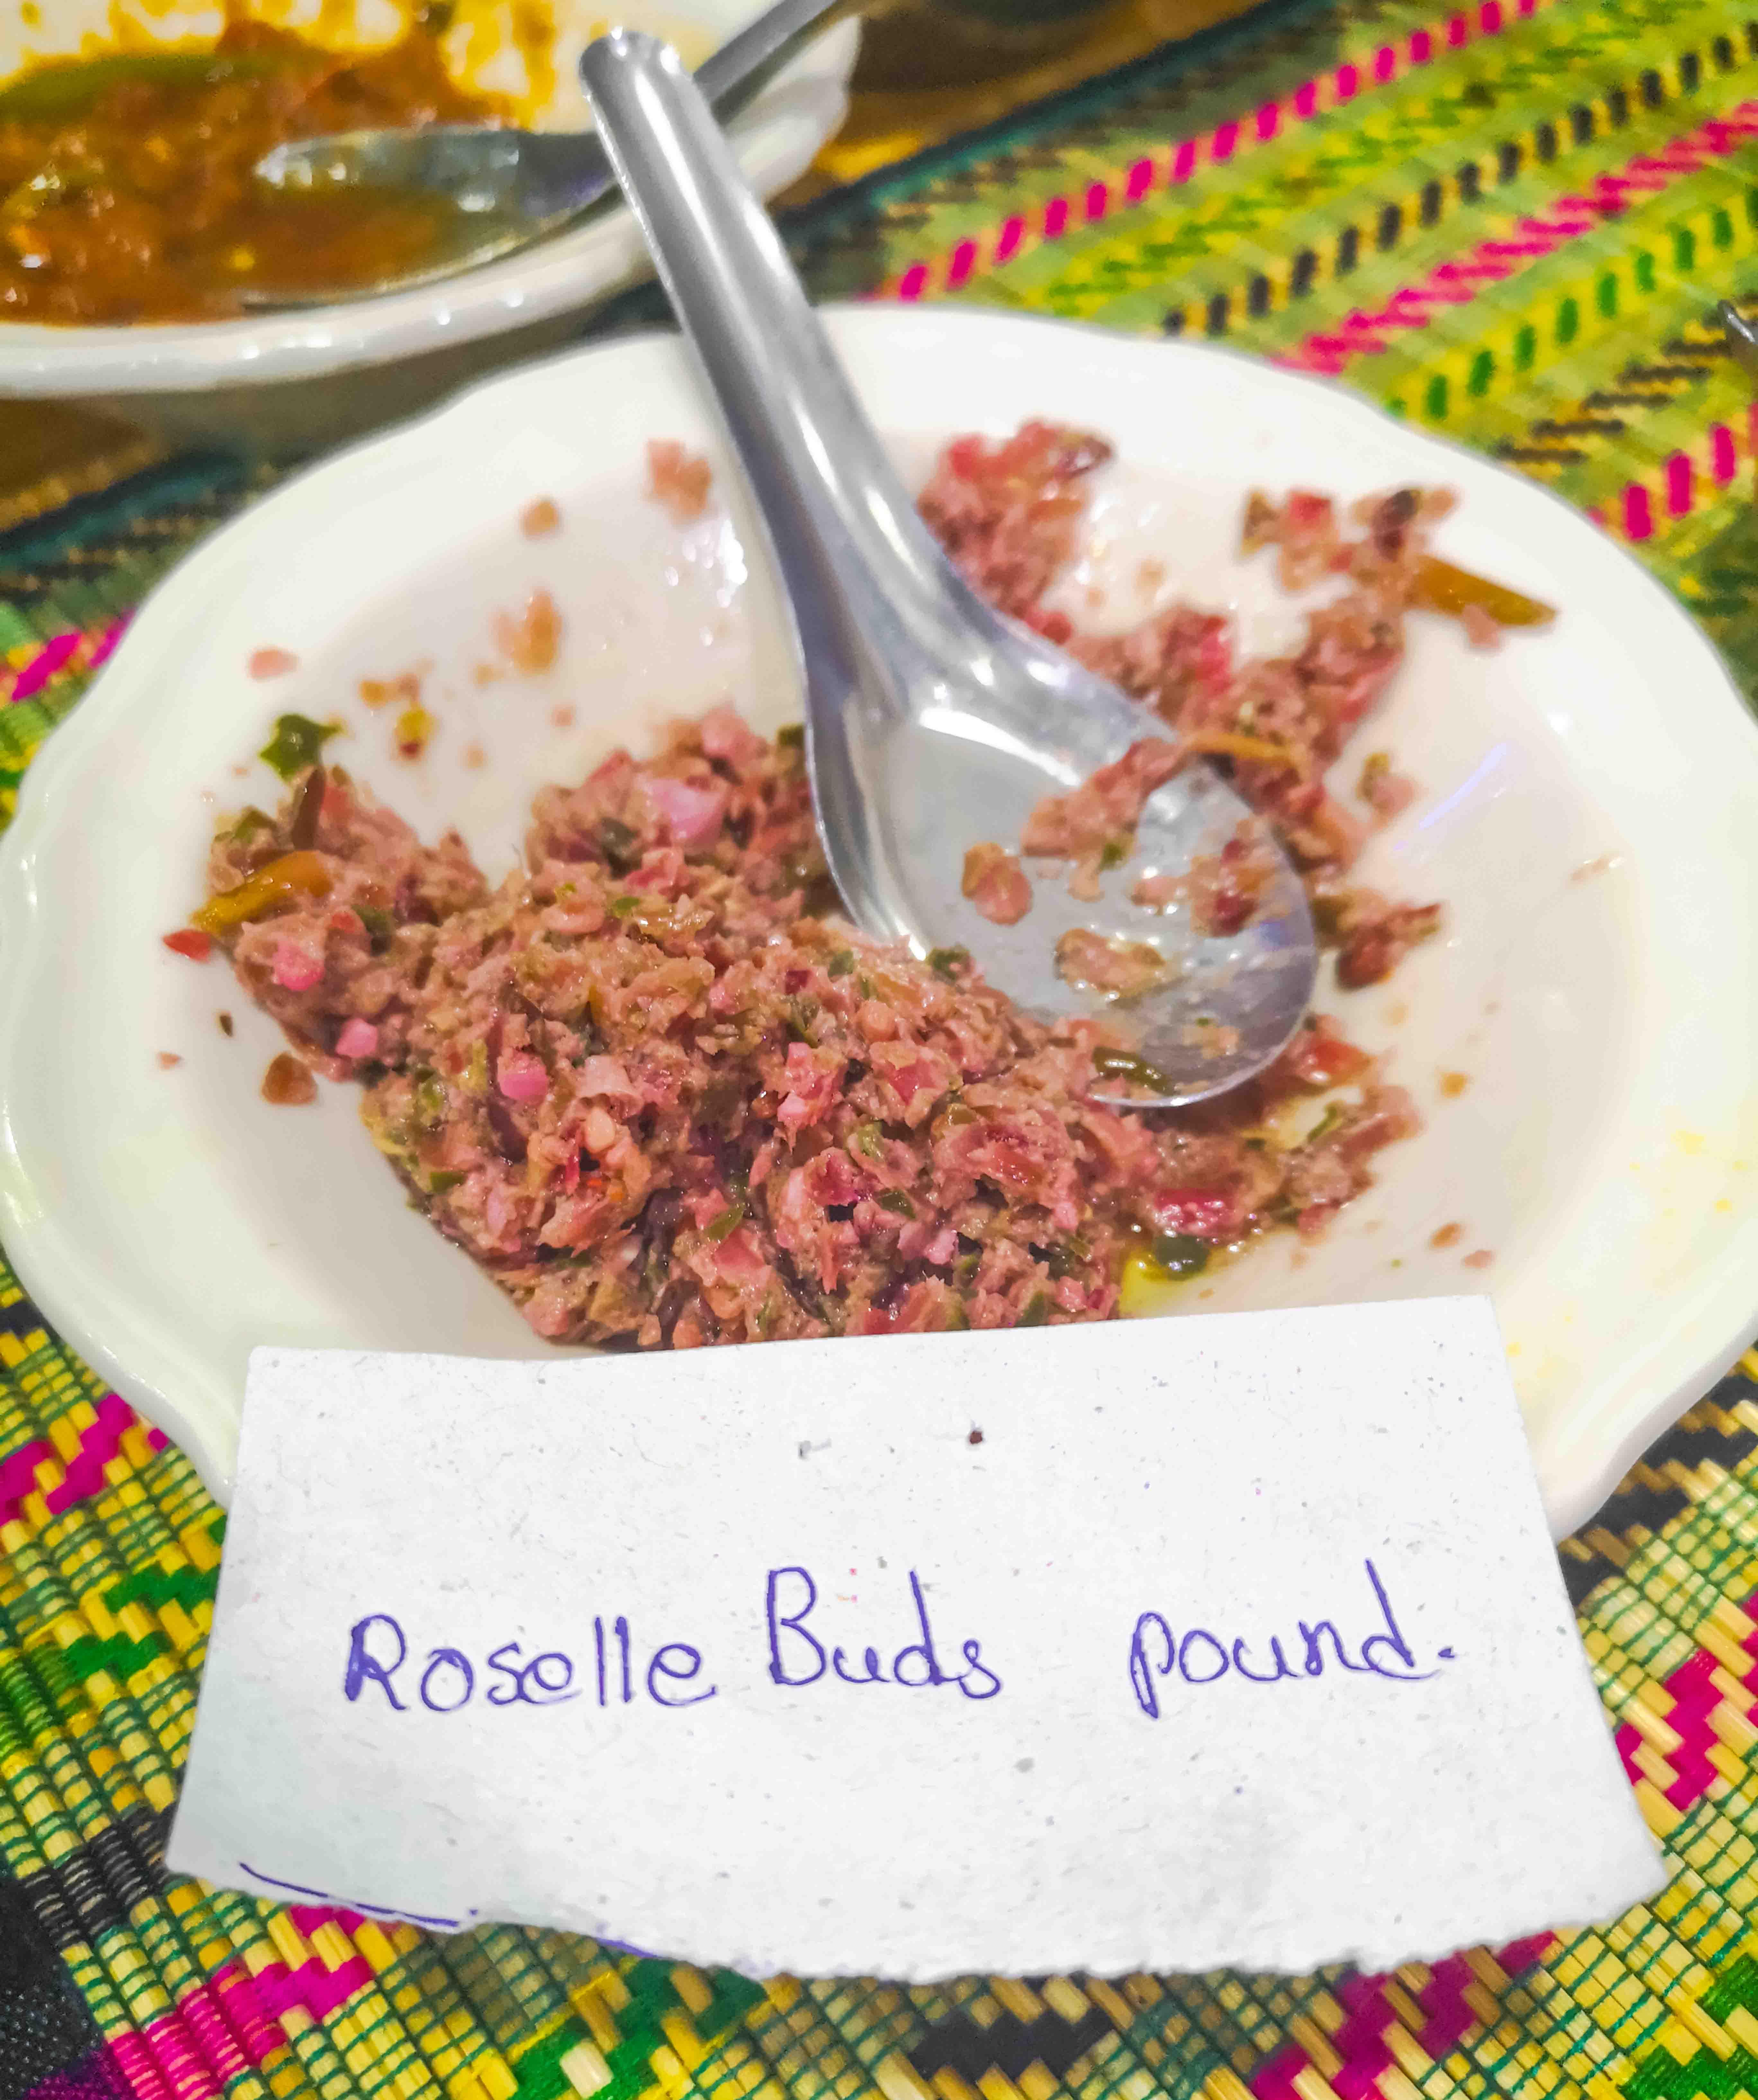 Roselle Buds Pound Aye Myit Tar , Mandalay